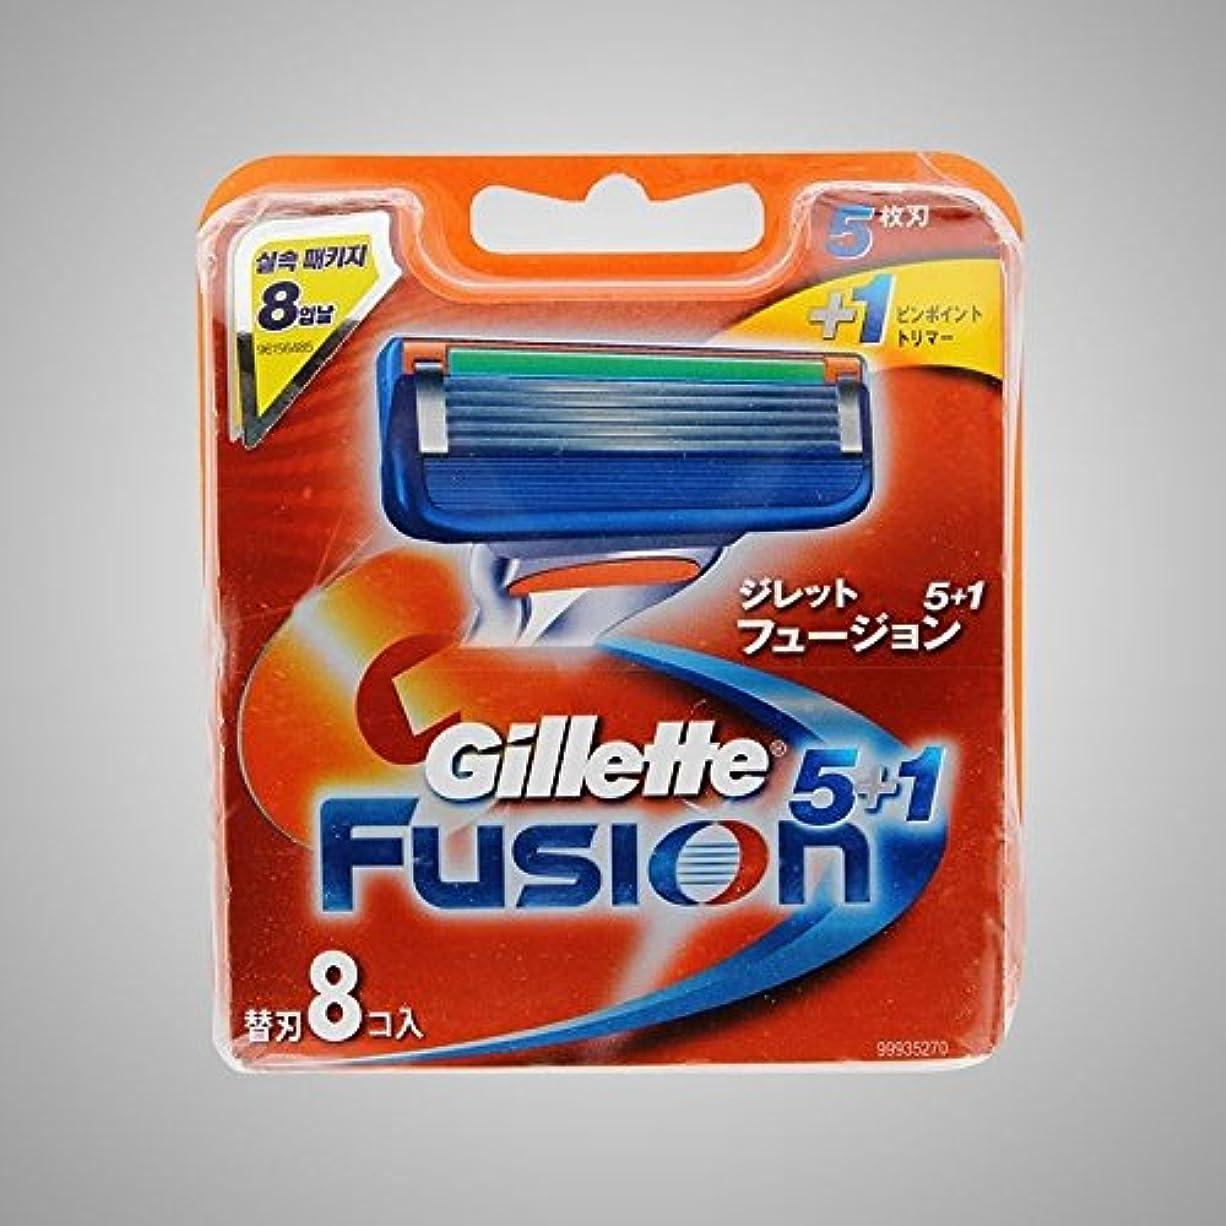 バインド仮説日の出Gillette Fusion Manual Razor Blades Refills Safety Razor ドイツ製 8 Pack [並行輸入品]